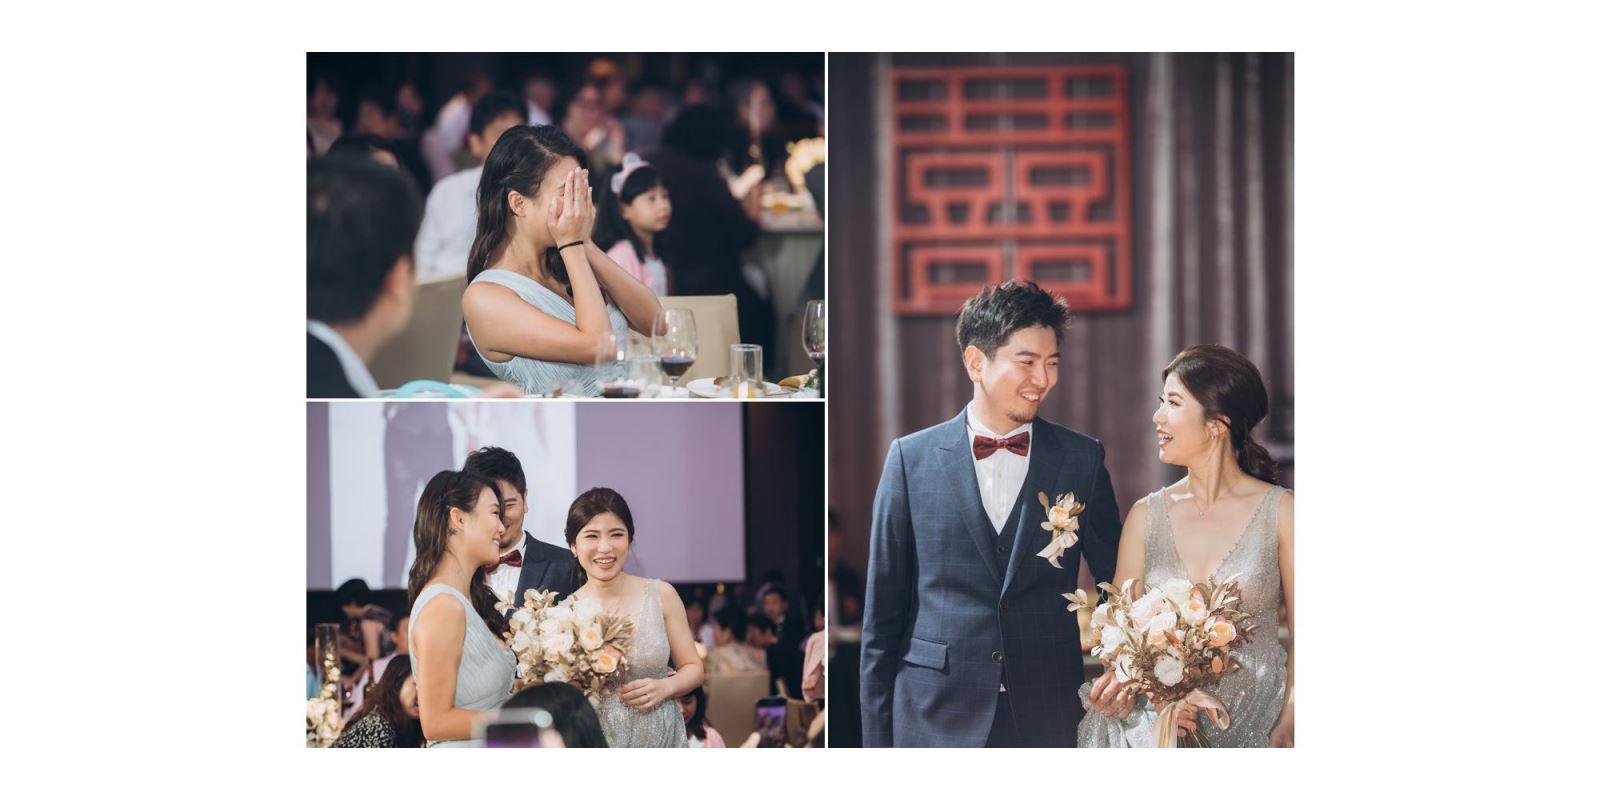 捧花活動, TWO in ONE婚禮主持人會提供多種選擇讓新人挑選.